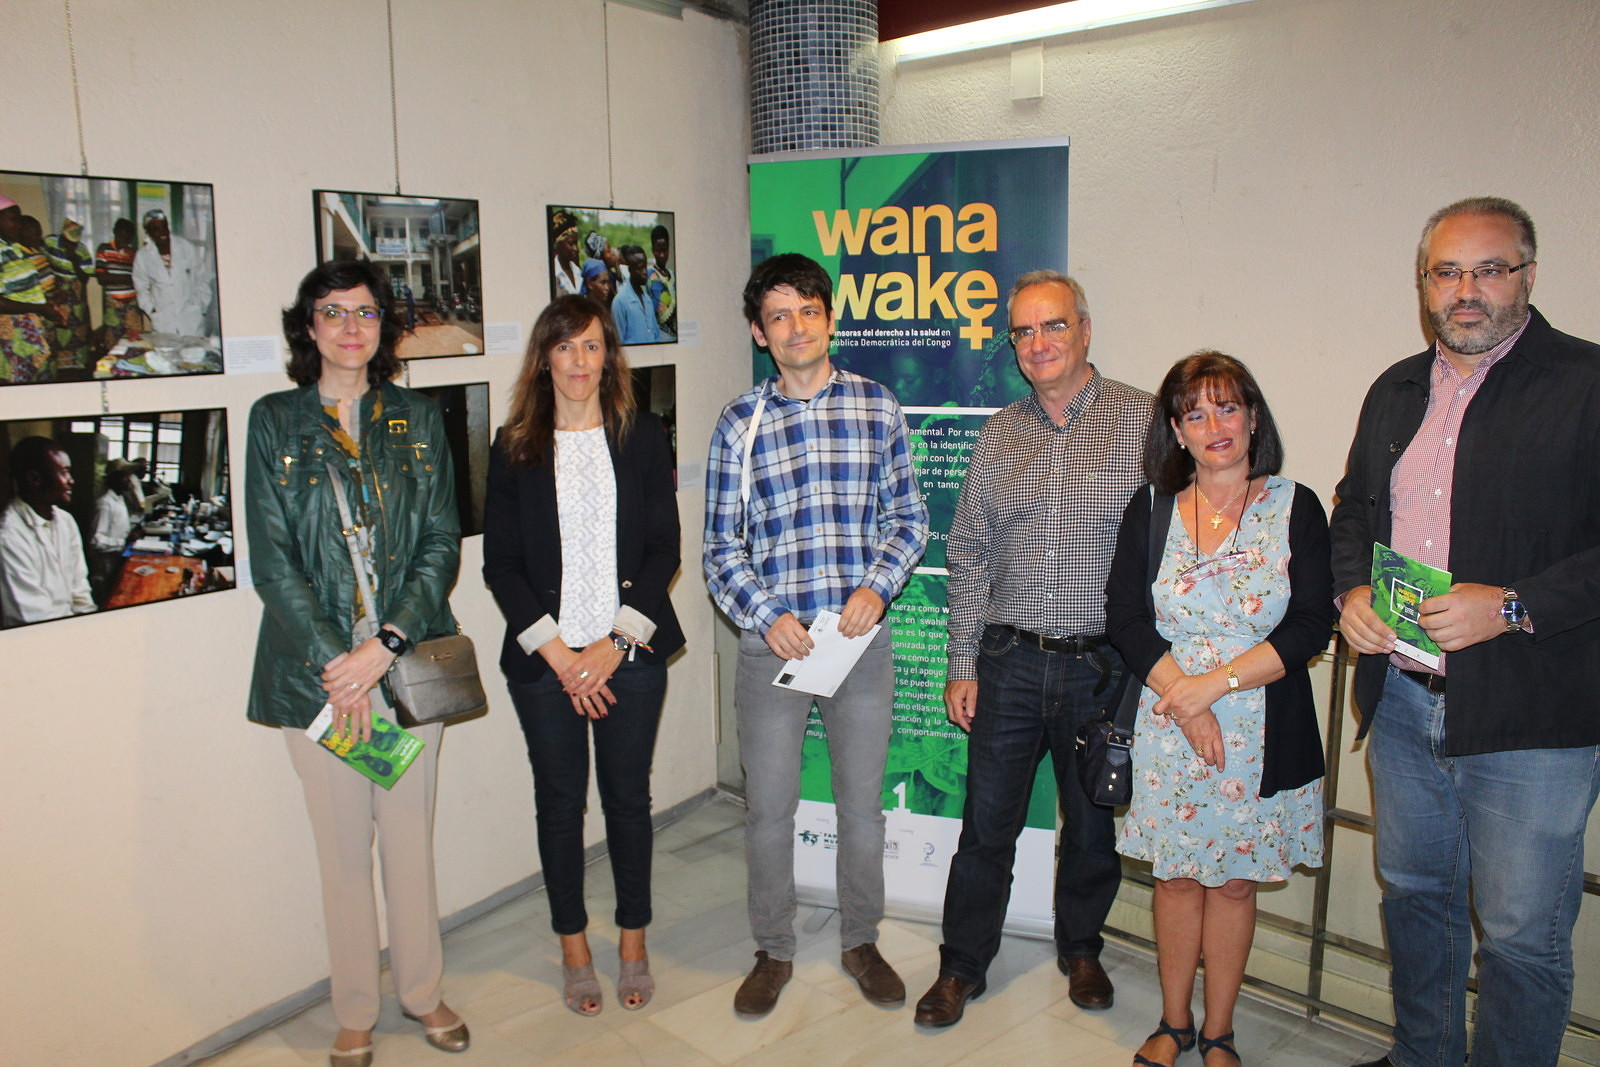 Presentamos en Albacete la exposición sobre derecho a la salud 'Wanawake'